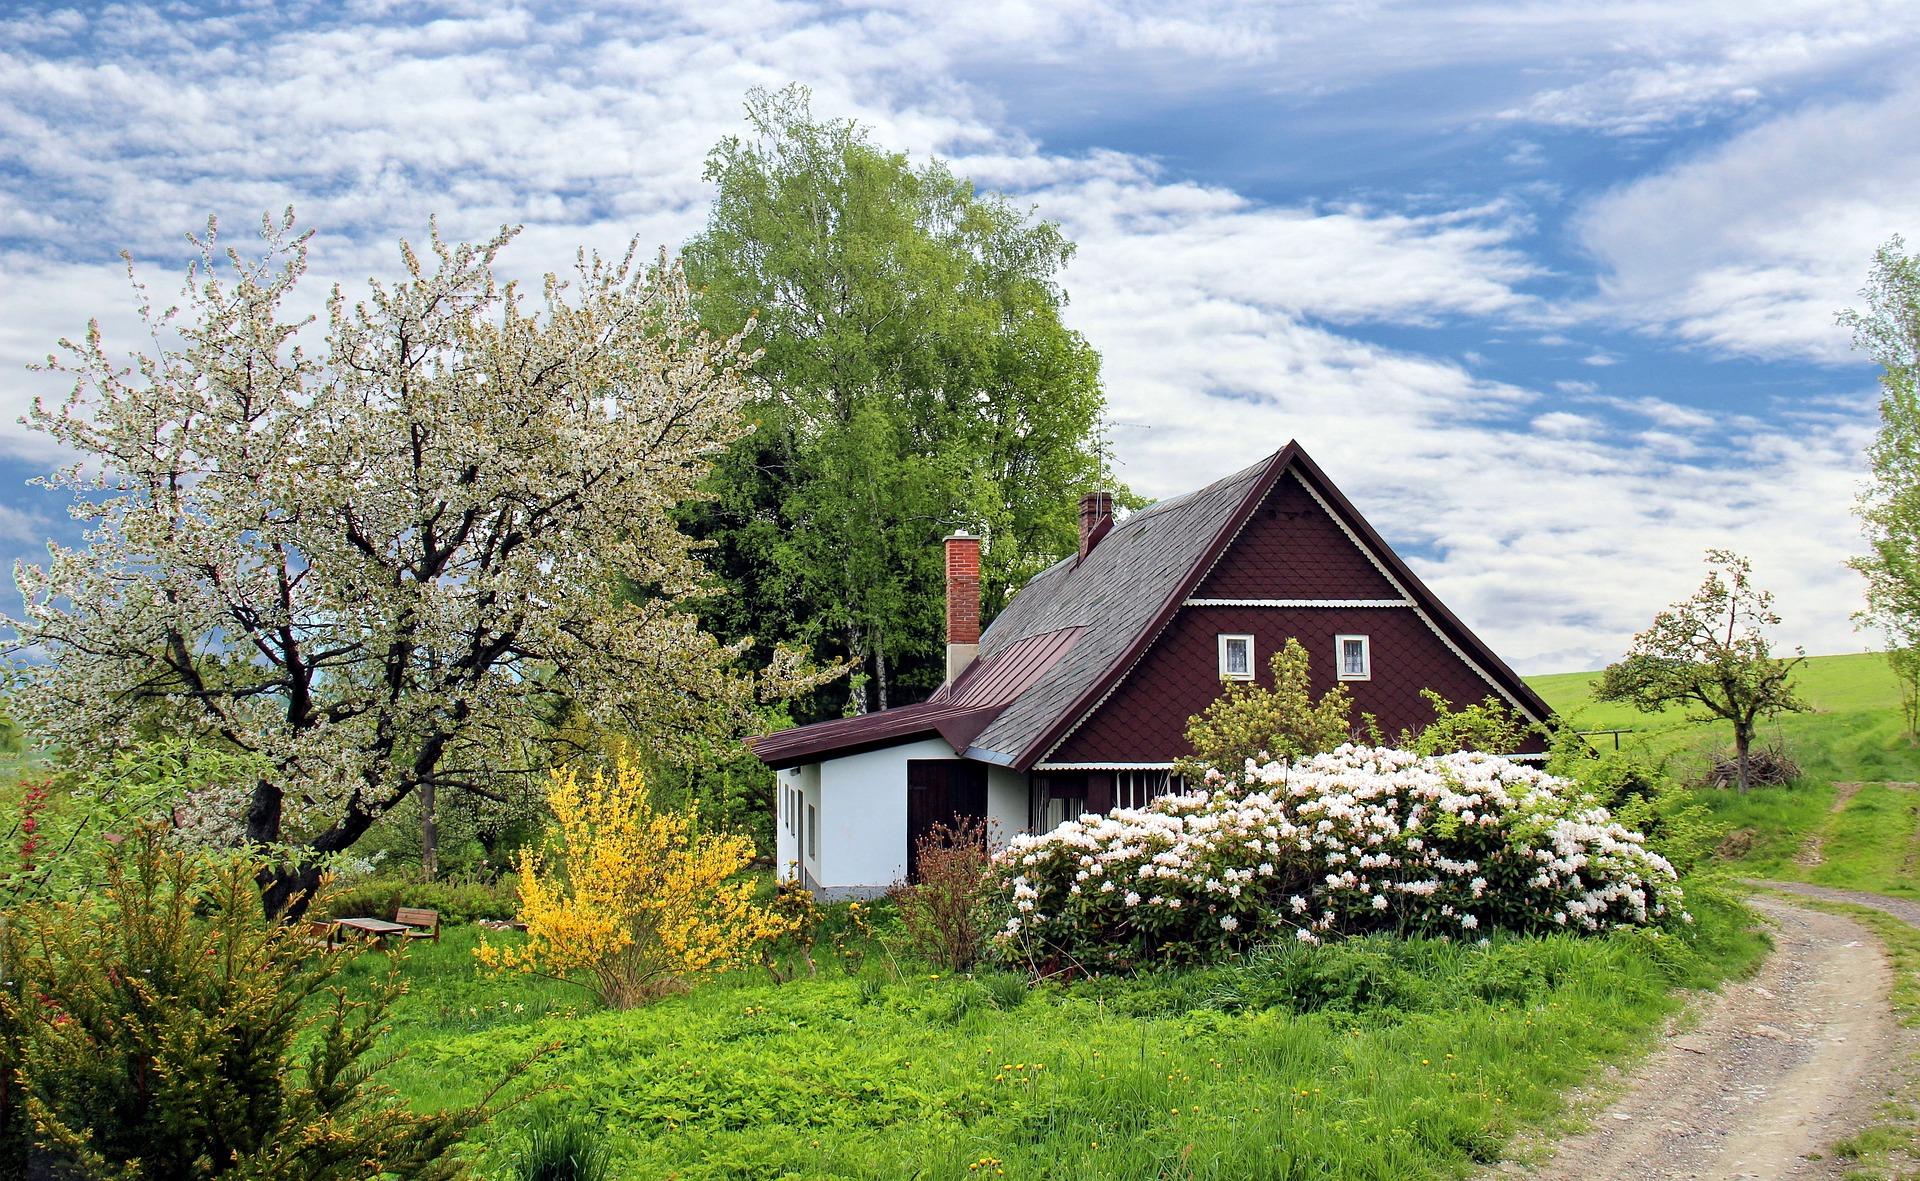 spring-2955582_1920